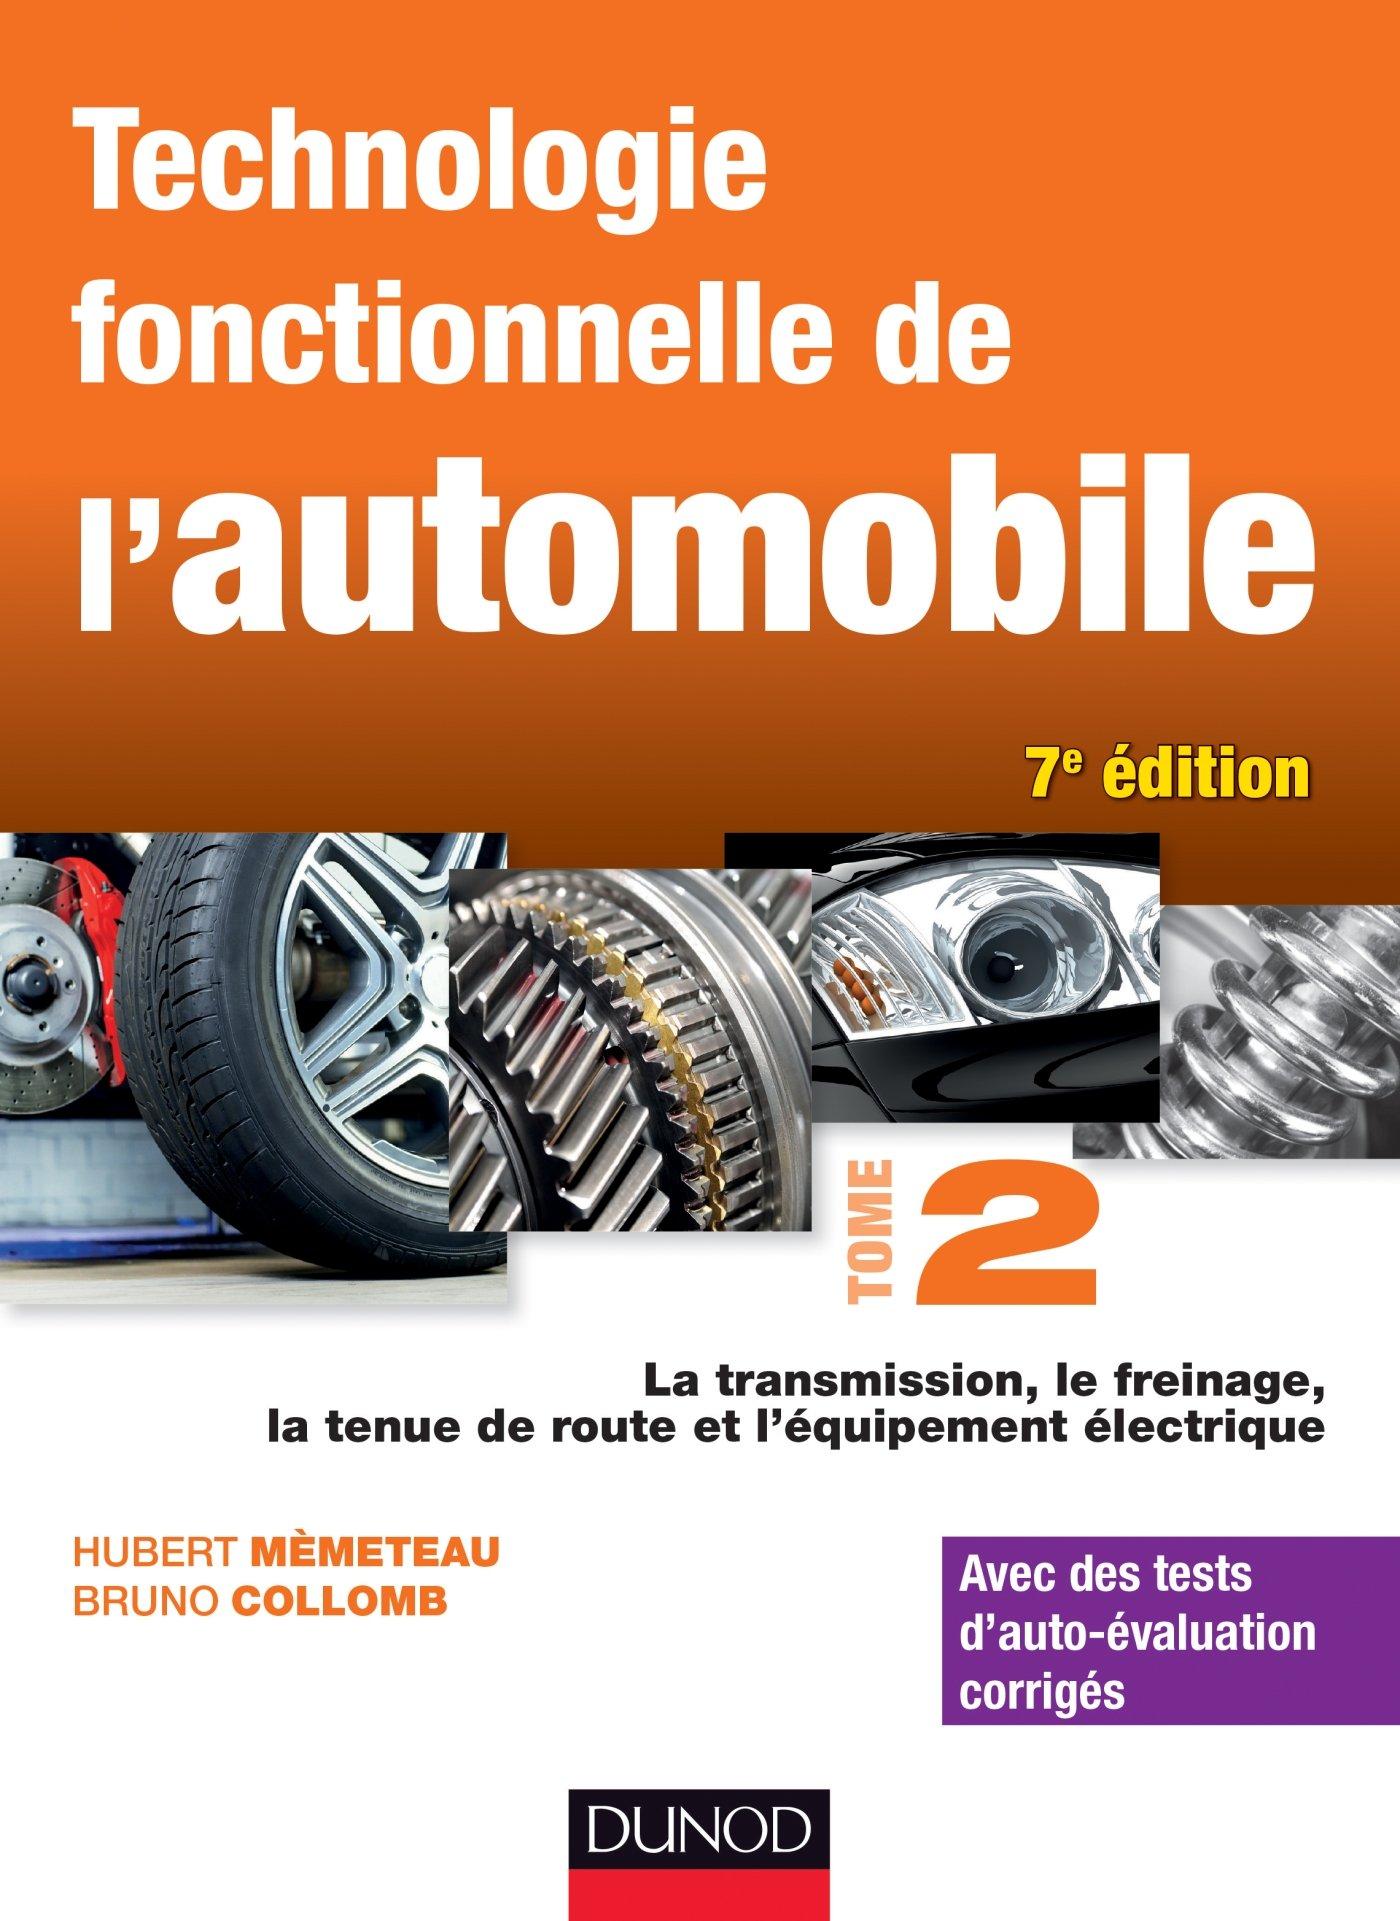 Mecanicien auto pas cher amazing garage pas cher bordeaux for Garage mecanique auto pas cher